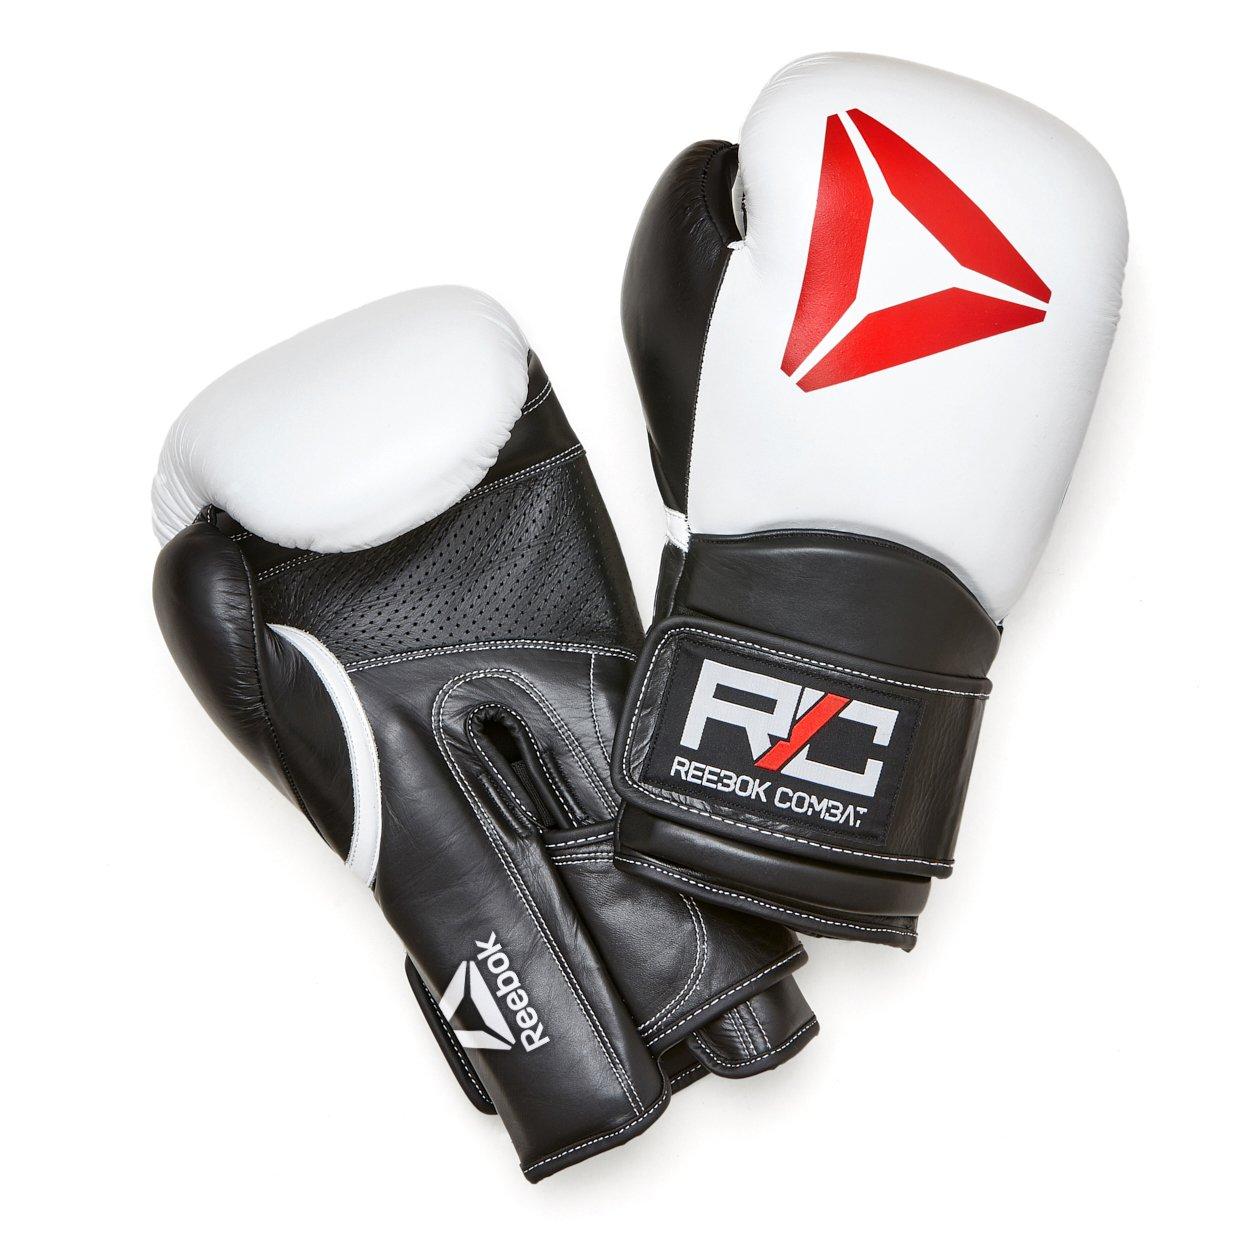 驚きの安さ [リーボック] ボクシンググローブ 10oz B07BM1WWZQ ホワイト RSCB-10010WH RSCB-10010WH B07BM1WWZQ 10oz, 泉南市:c400c255 --- arianechie.dominiotemporario.com